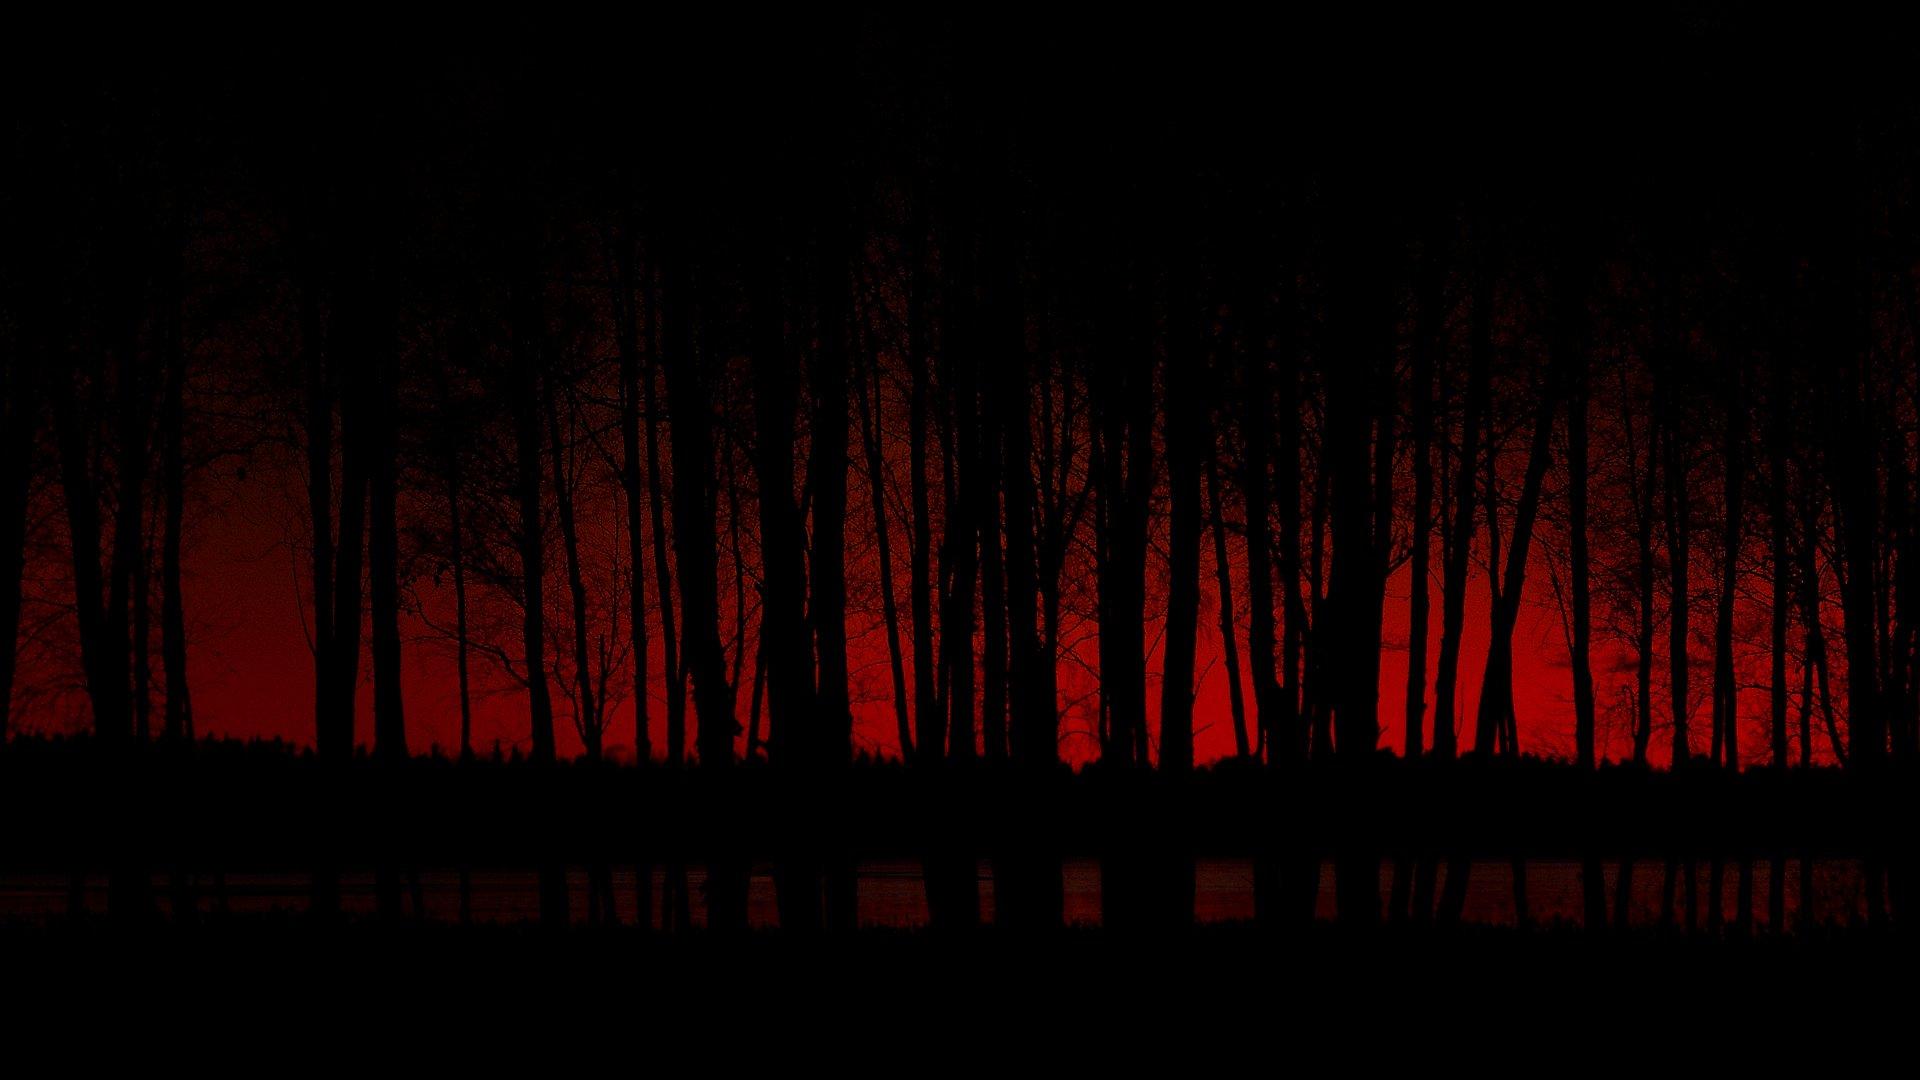 Dark - Forest  Wallpaper